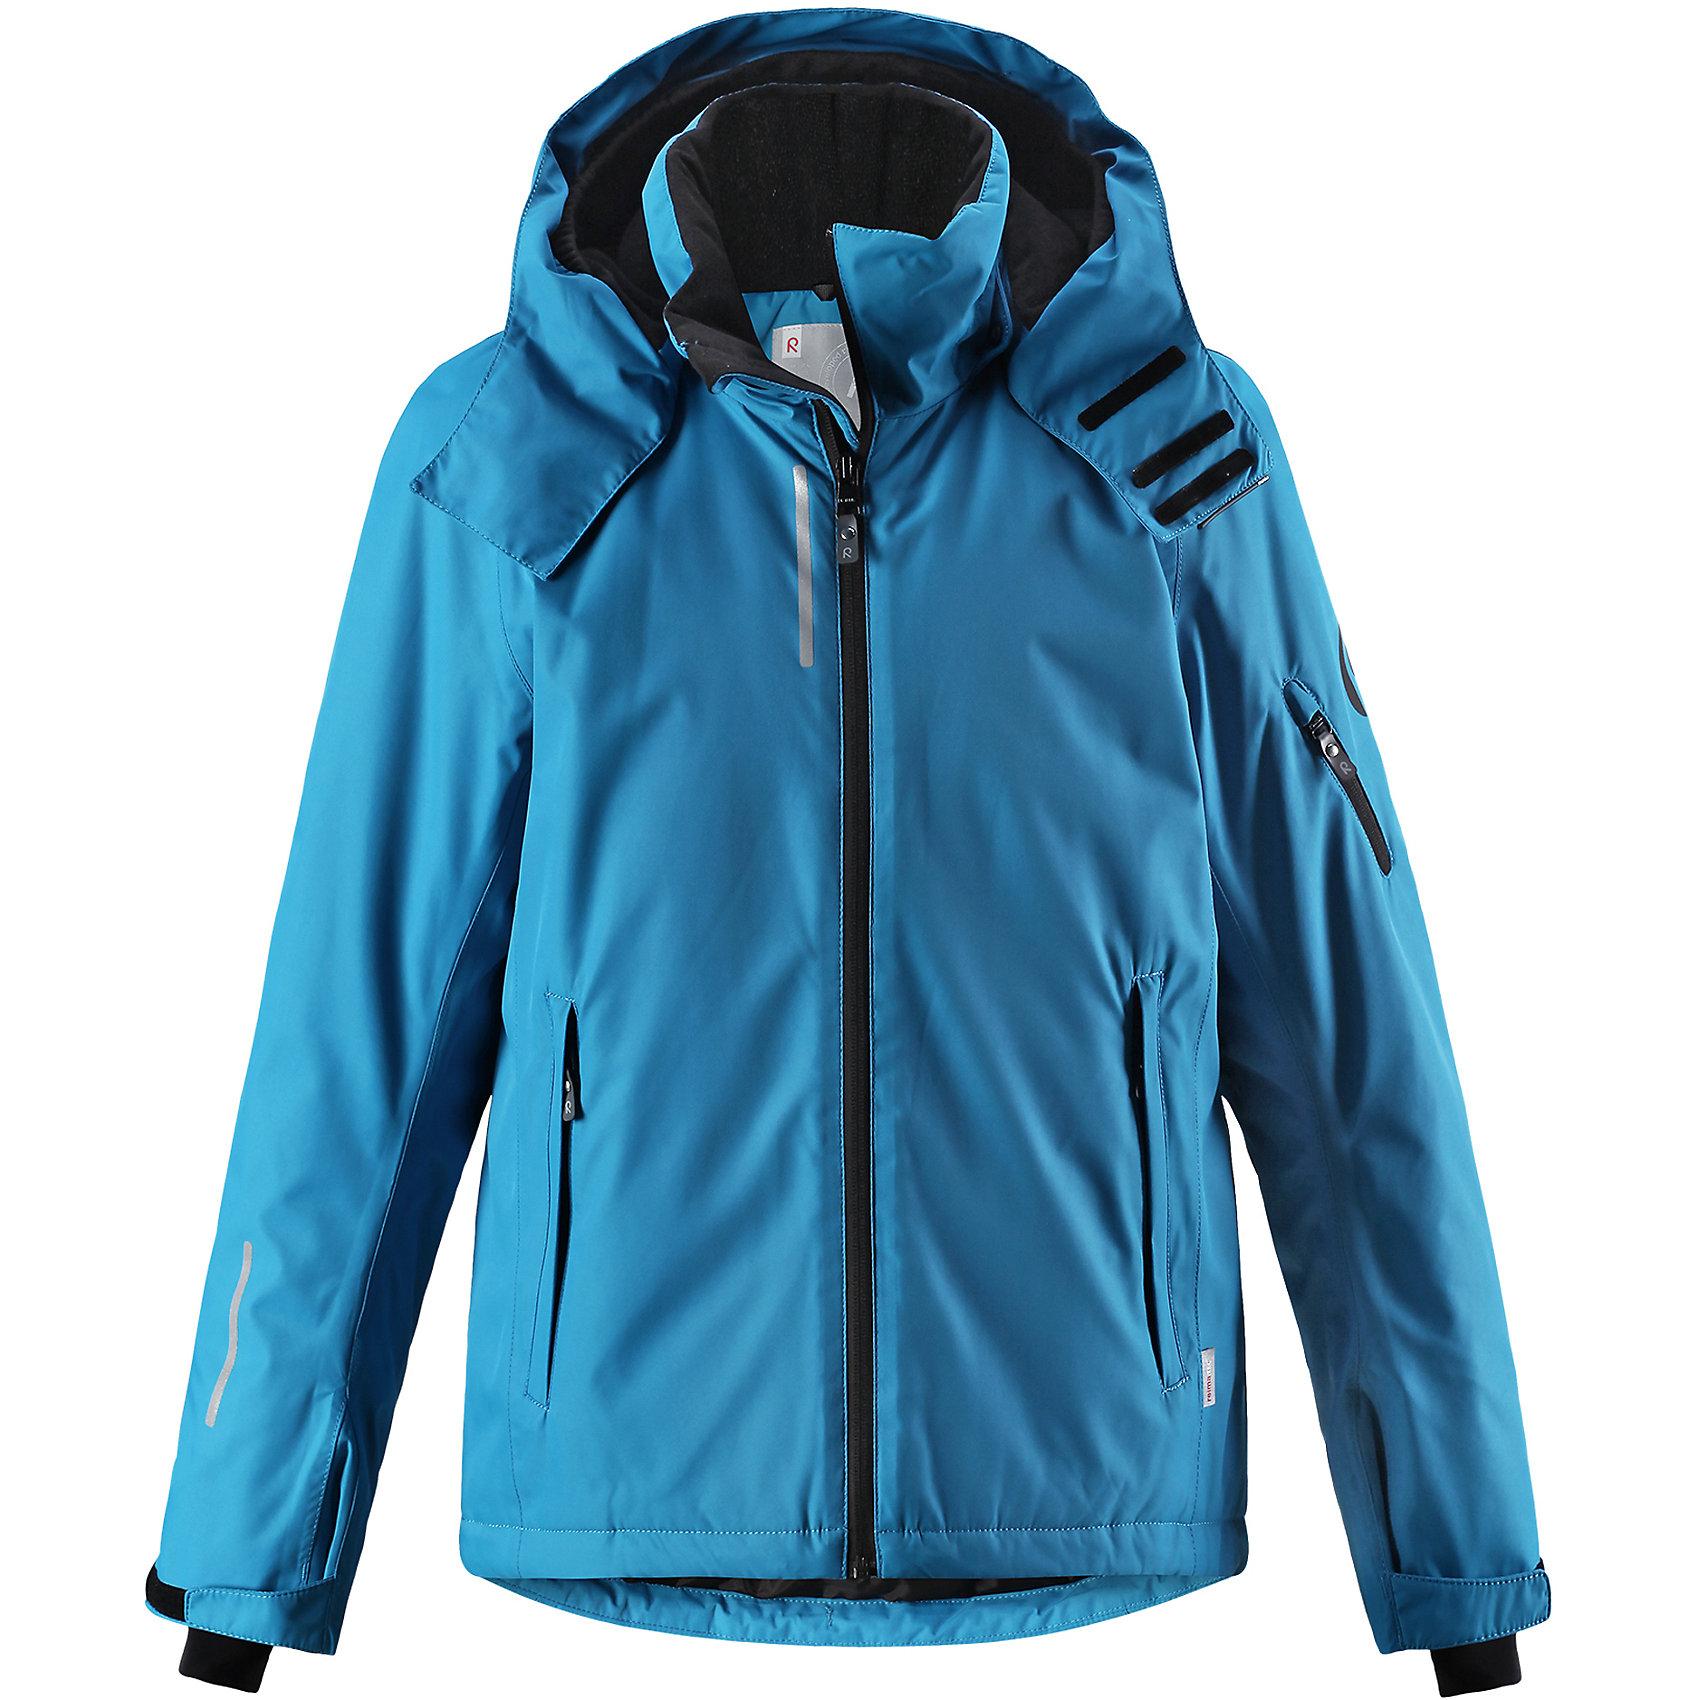 Куртка Reimatec® Reima Detour для мальчикаВерхняя одежда<br>Характеристики товара:<br><br>• цвет: голубой;<br>• состав: 100% полиэстер;<br>• подкладка: 100% полиэстер;<br>• утеплитель: 140 г/м2;<br>• сезон: зима;<br>• температурный режим: от 0 до -20С;<br>• водонепроницаемость: 5000 мм;<br>• воздухопроницаемость: 4000 мм;<br>• износостойкость: 15000 циклов (тест Мартиндейла);<br>• водо- и ветронепроницаемый, дышащий и грязеотталкивающий материал;<br>• основные швы проклеены и водонепроницаемы;<br>• застежка: молния с защитой подбородка;<br>• гладкая подкладка из полиэстера;<br>• безопасный съемный и регулируемый капюшон;<br>• регулируемые манжеты и внутренние манжеты из лайкры;<br>• регулируемый подол, снегозащитный манжет на талии;<br>• карманы на молнии, карман для skipass на рукаве;<br>• карман для очков, внутренний нагрудный карман;<br>• светоотражающие детали;<br>• страна бренда: Финляндия;<br>• страна изготовитель: Китай.<br><br>Детская непромокаемая зимняя куртка изготовлена из ветронепроницаемого, дышащего материала с верхним водо и грязеотталкивающим слоем. Основные швы в куртке проклеены и водонепроницаемы, поэтому никакой дождь не помешает веселым зимним играм на свежем воздухе! <br><br>Эта куртка с множеством функциональных деталей, идеально подходит для активного дня на свежем воздухе: регулируемый подол со снежной юбкой не пропустит внутрь влагу и снег, а регулируемые манжеты с внутренними манжетами из лайкры защищают запястья от холода. <br><br>Карман для лыжной карты на рукаве поможет быстро достать карточку в очереди на подъемник, а в кармане для очков и внутреннем нагрудном кармане можно носить лыжные очки. Съемный и регулируемый капюшон защищает от пронизывающего ветра, к тому же он абсолютно безопасен на лыжном склоне – легко отстегнется, если вдруг за что-нибудь зацепится. <br><br>Куртку Detour для мальчика Reimatec® Reima от финского бренда Reima (Рейма) можно купить в нашем интернет-магазине.<br><br>Ширина мм: 356<br>Глубина мм: 10<br>Высота м